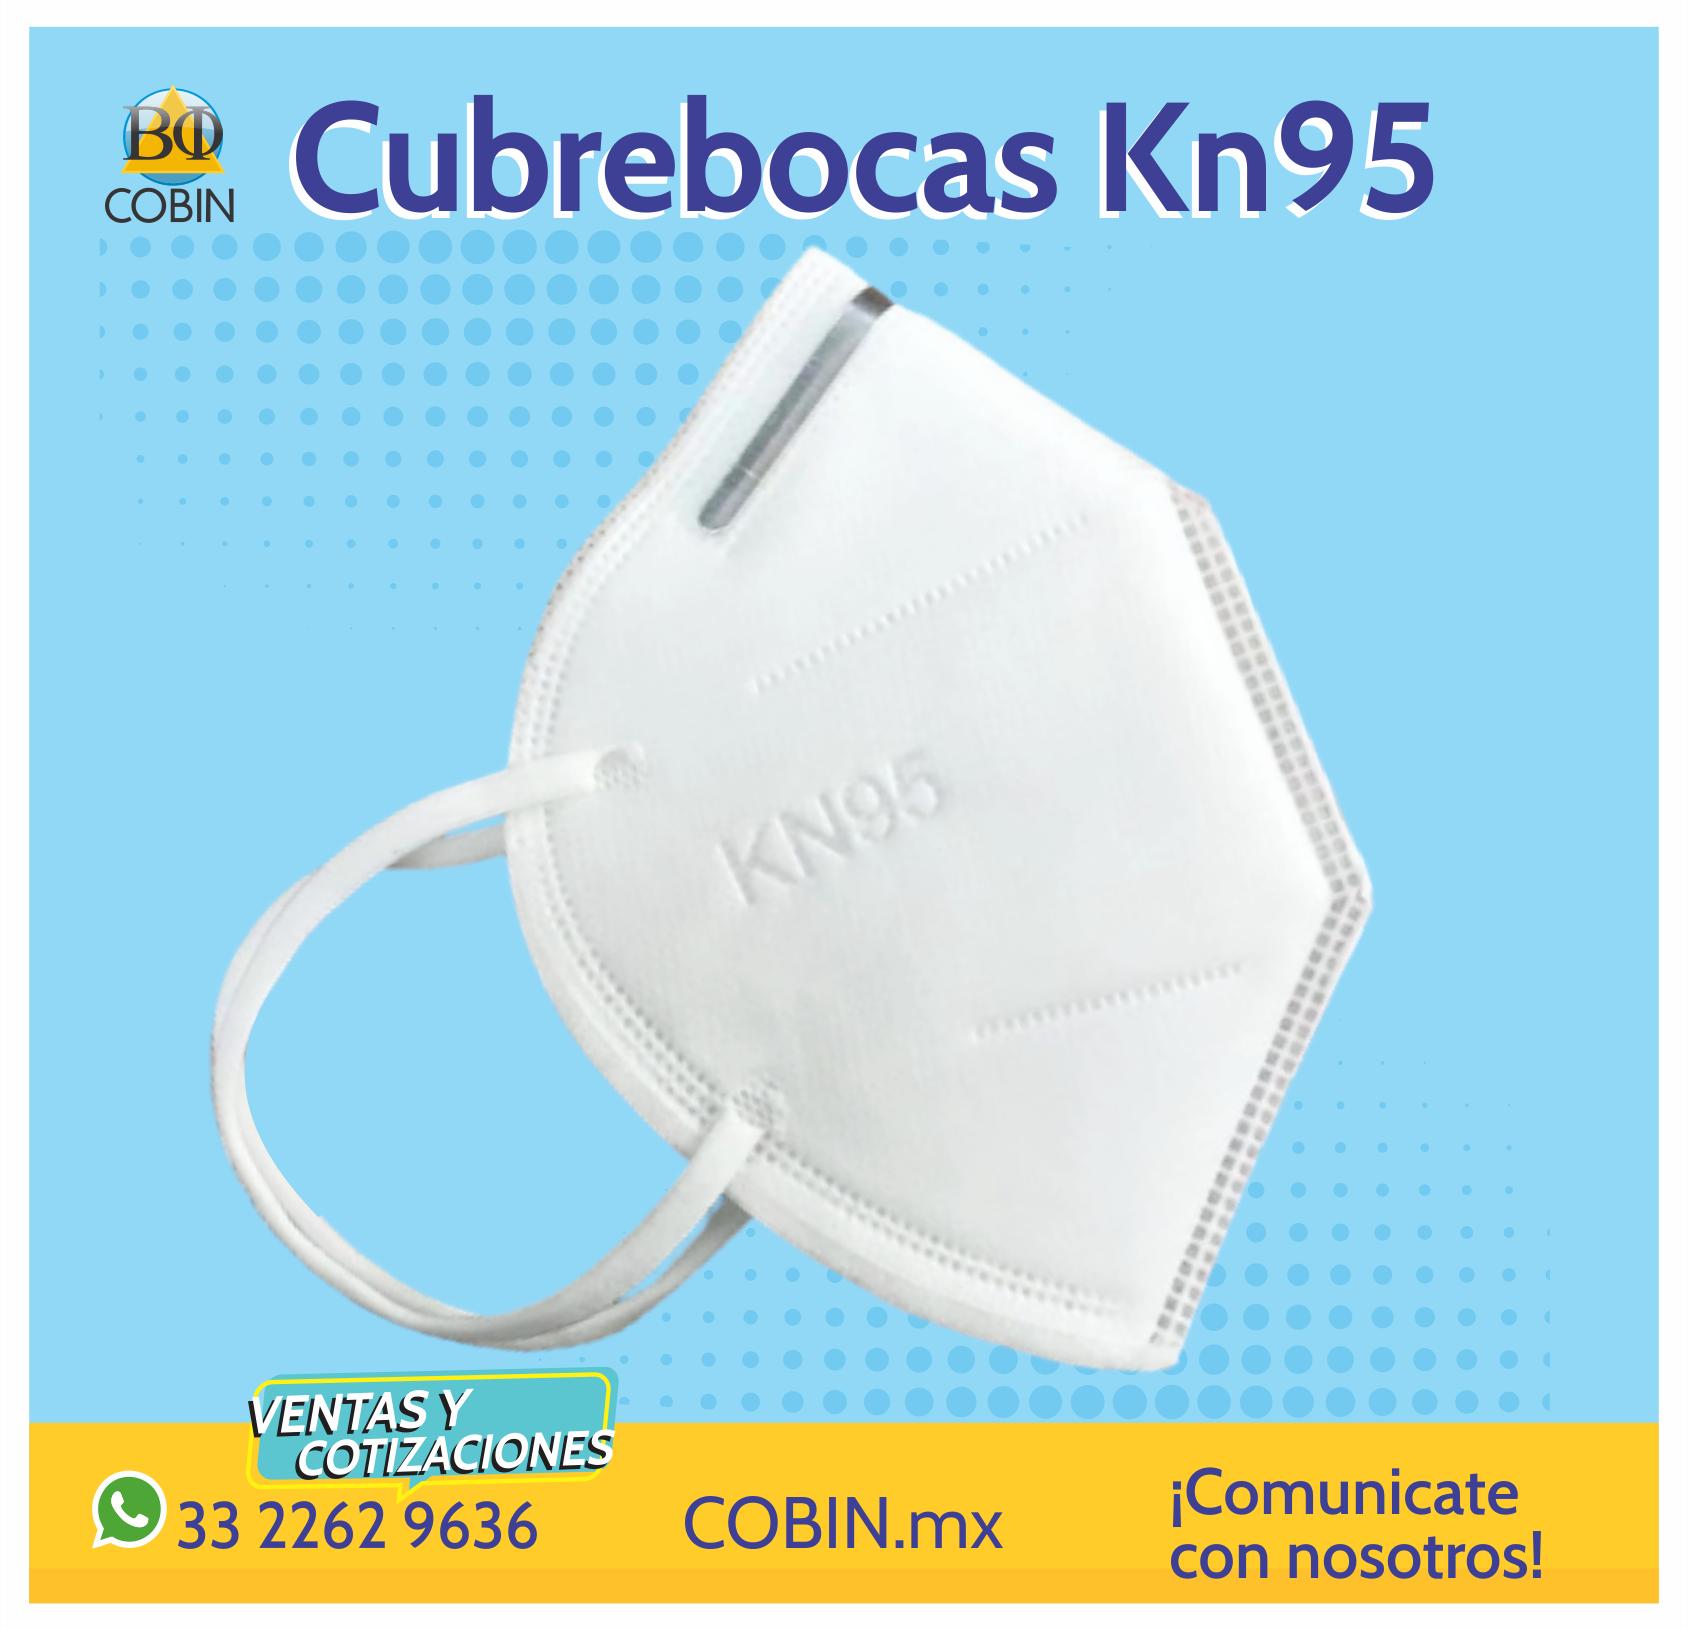 Cubrebocas KN95